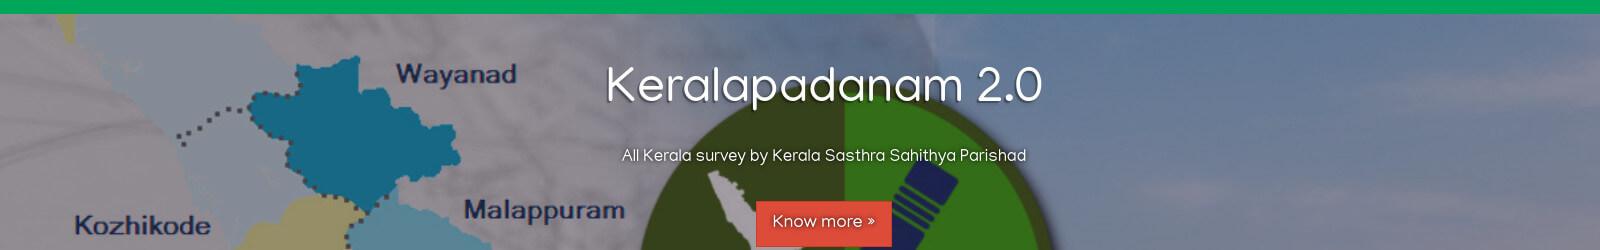 Socio Economic Survey of Kerala - Keralapadanam